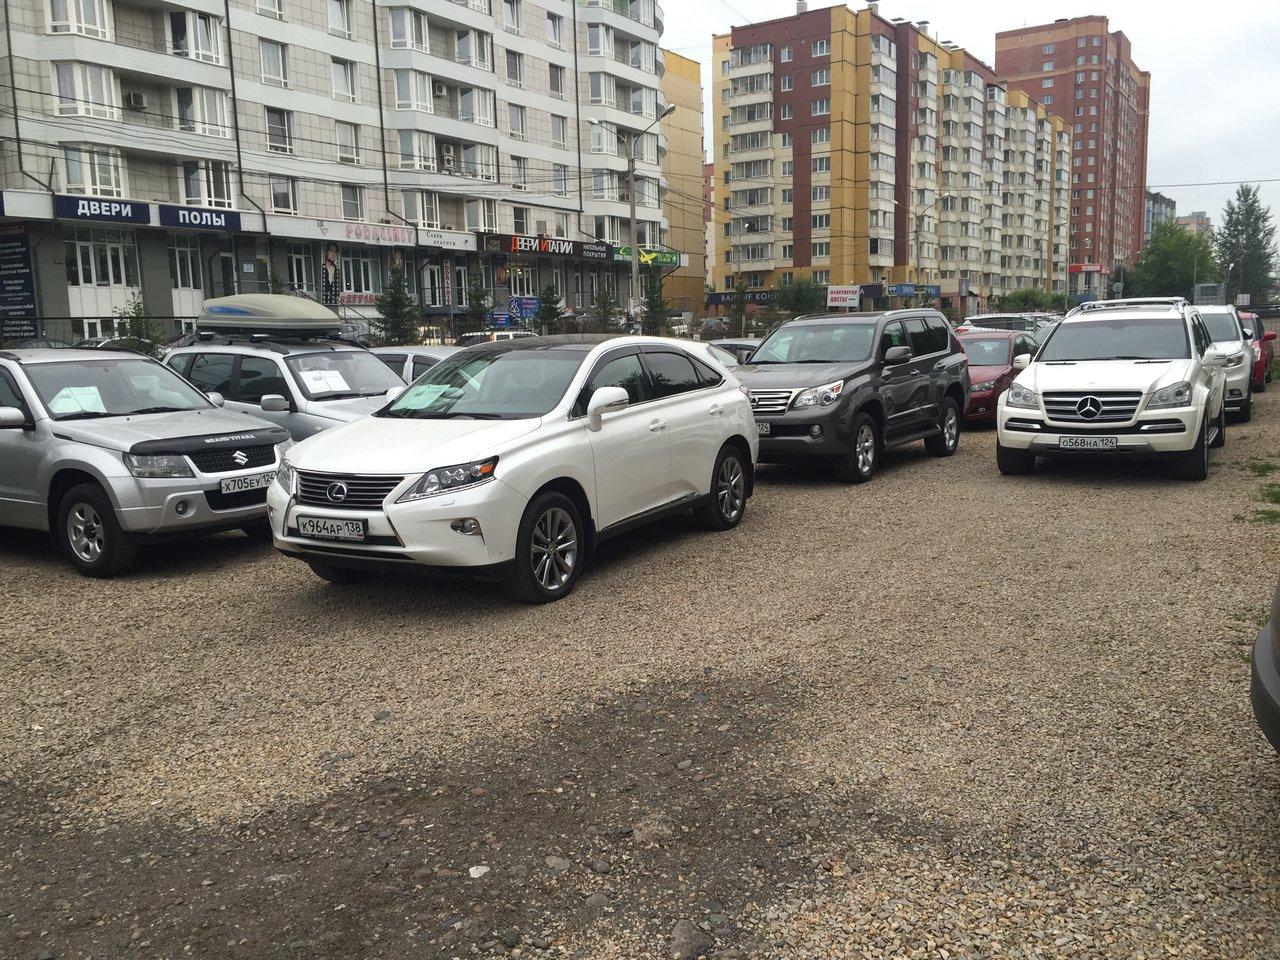 Продажа автомобилей в Красноярском крае: Объявления